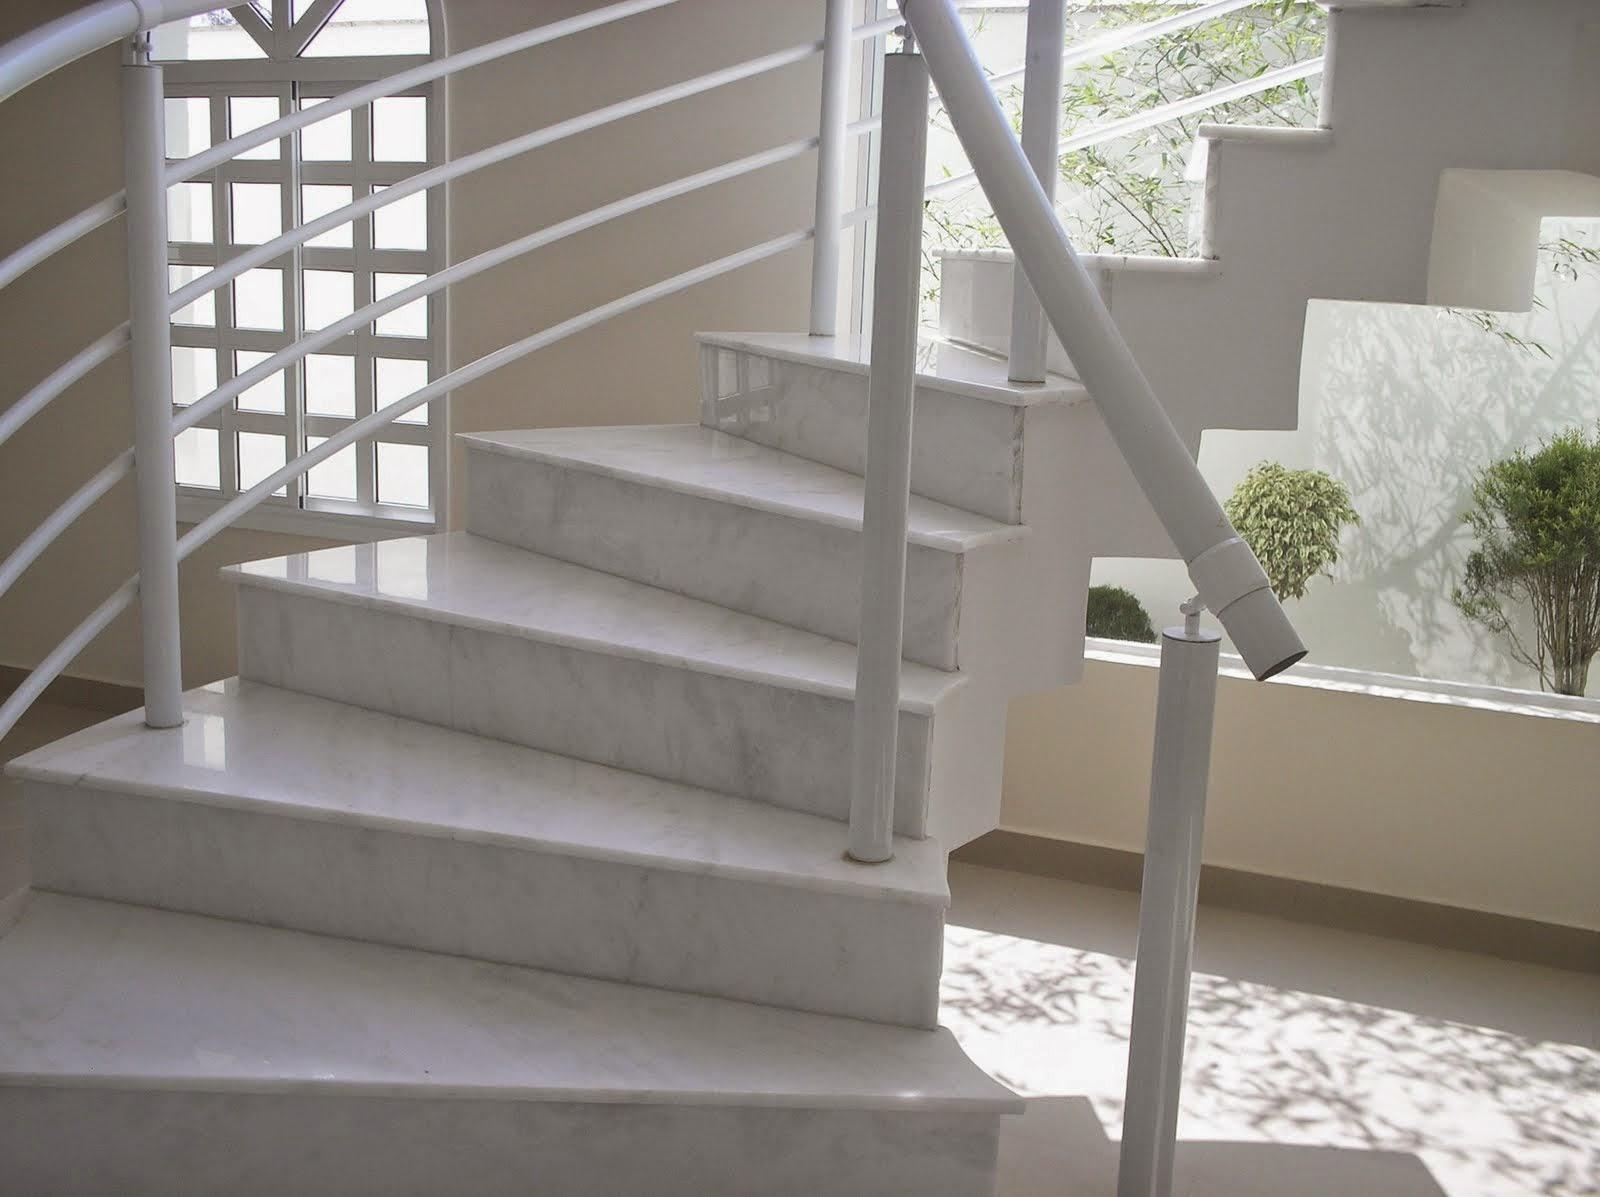 Escadas de Mármore veja diferentes tipos de mármores preços  #4A4434 1600 1197